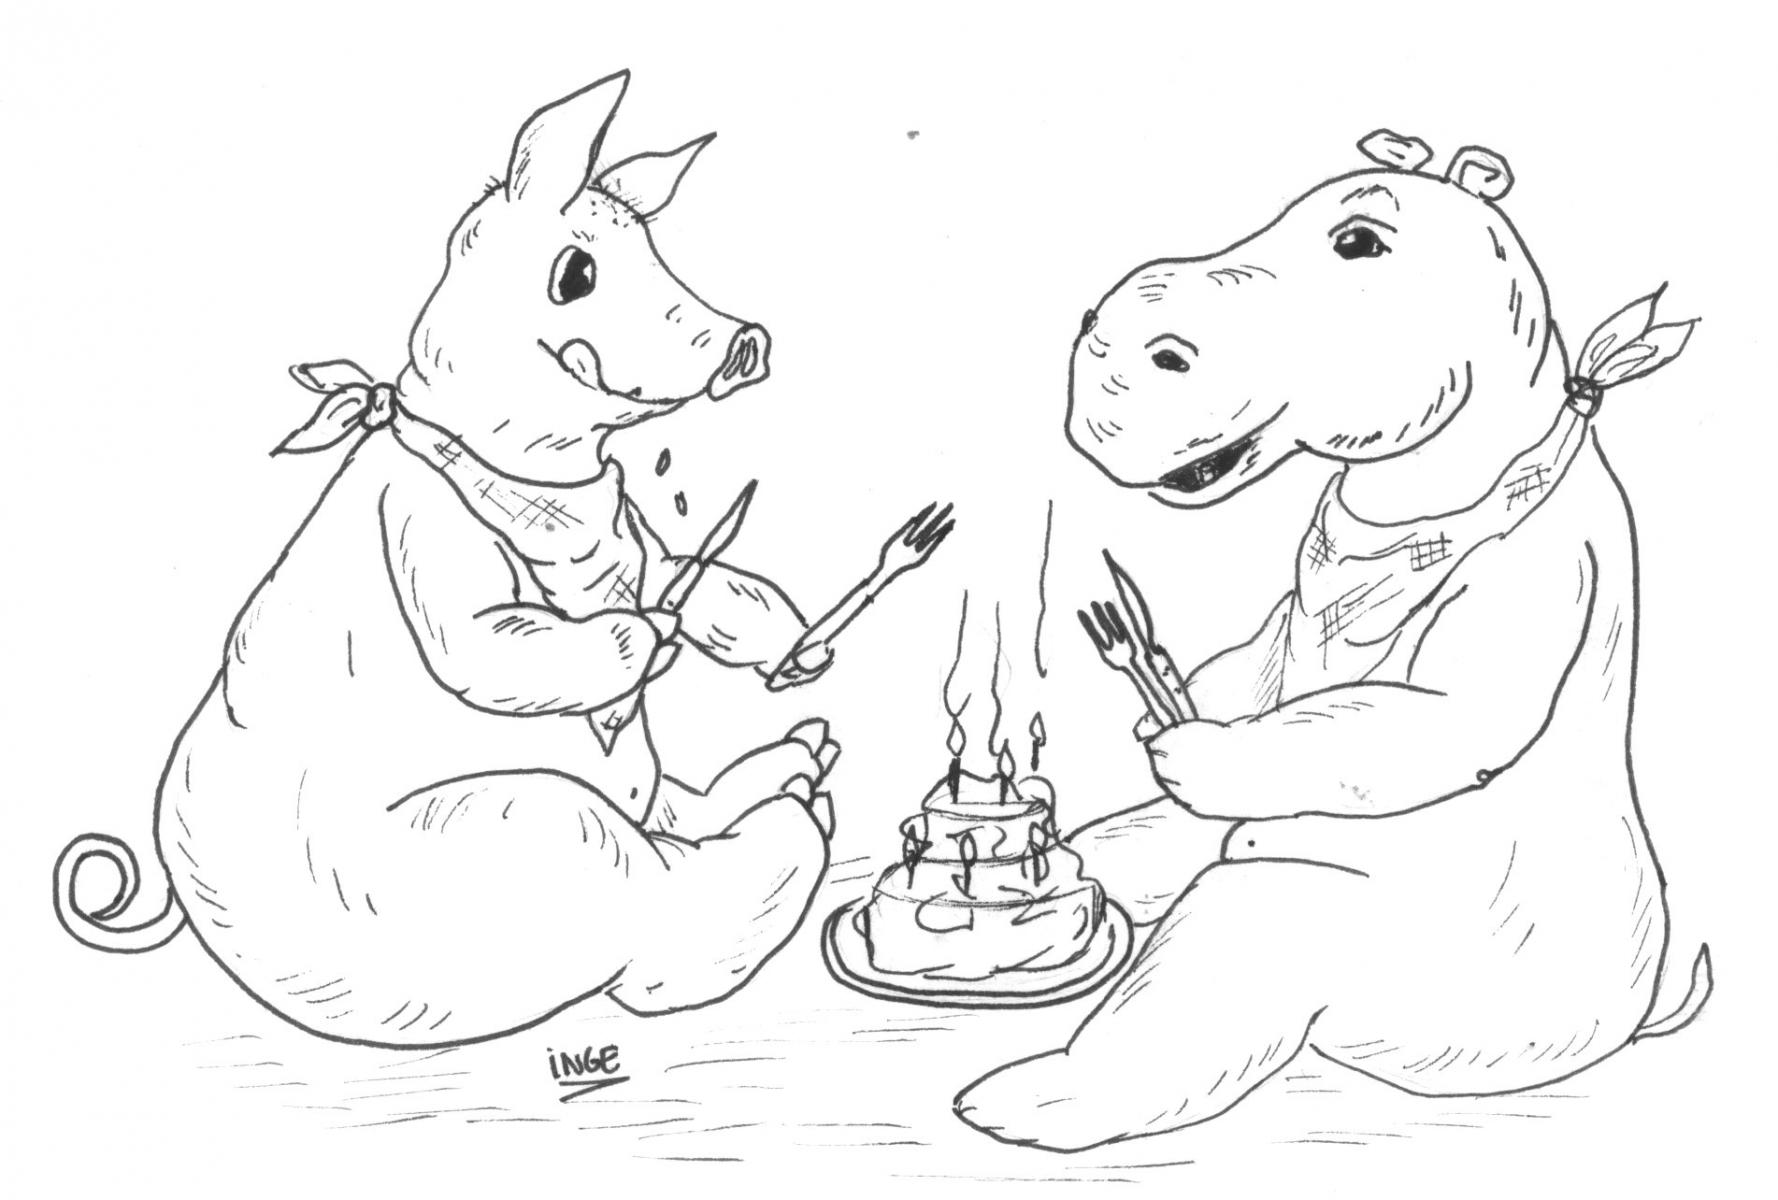 feestvarkennijlpaard